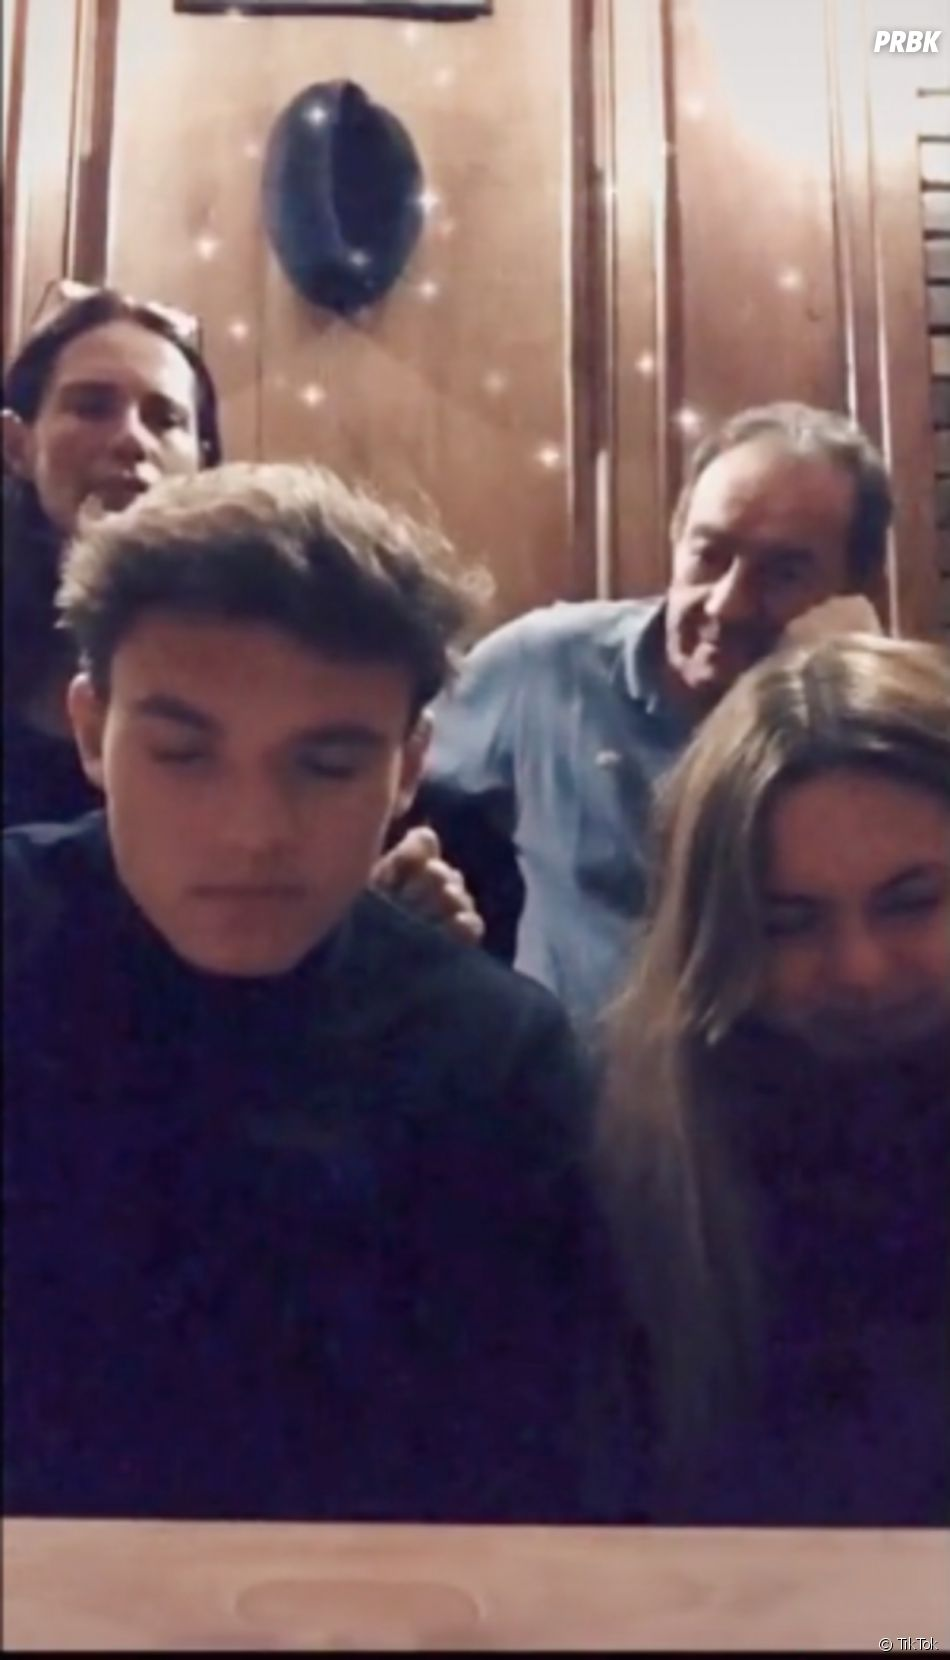 Lou Pernaut avec son frère Tom, sa mère Nathalie Marquay et son père Jean-Pierre Pernaut sur TikTok